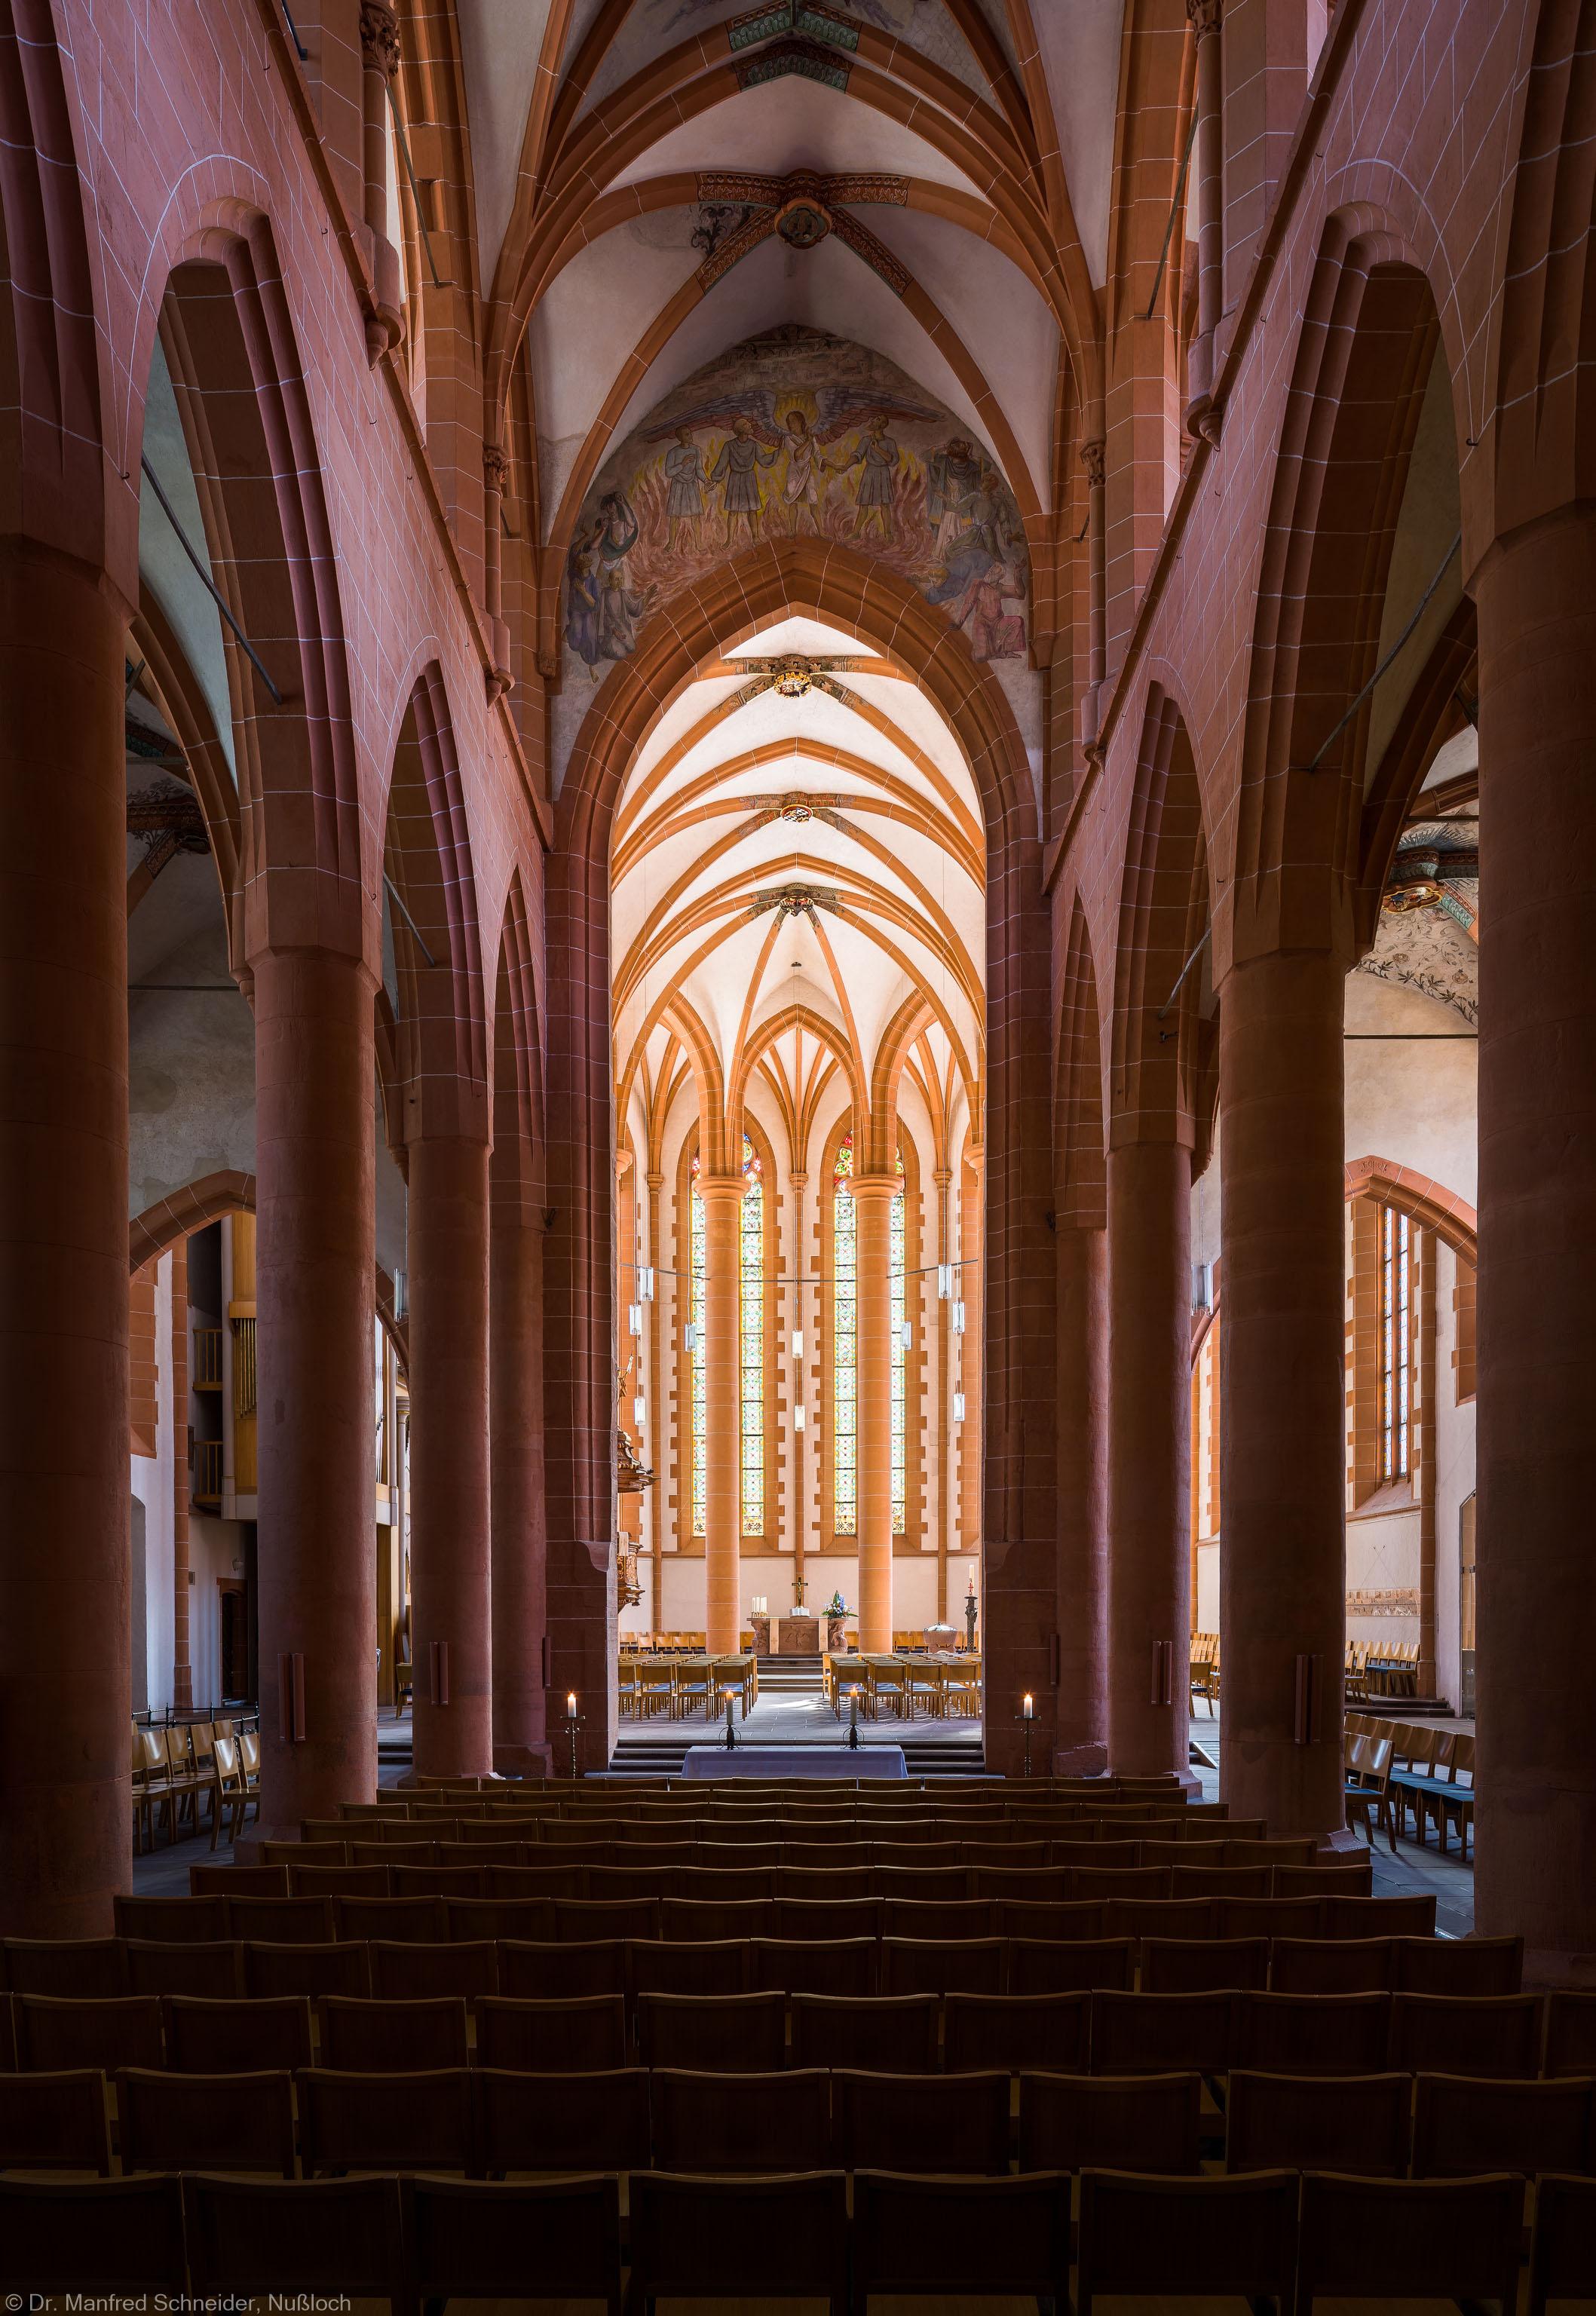 Heidelberg - Heiliggeistkirche - Mittelschiff - Blick durch das Mittelschiff auf den Chor (aufgenommen im Mai 2015, am Vormittag)